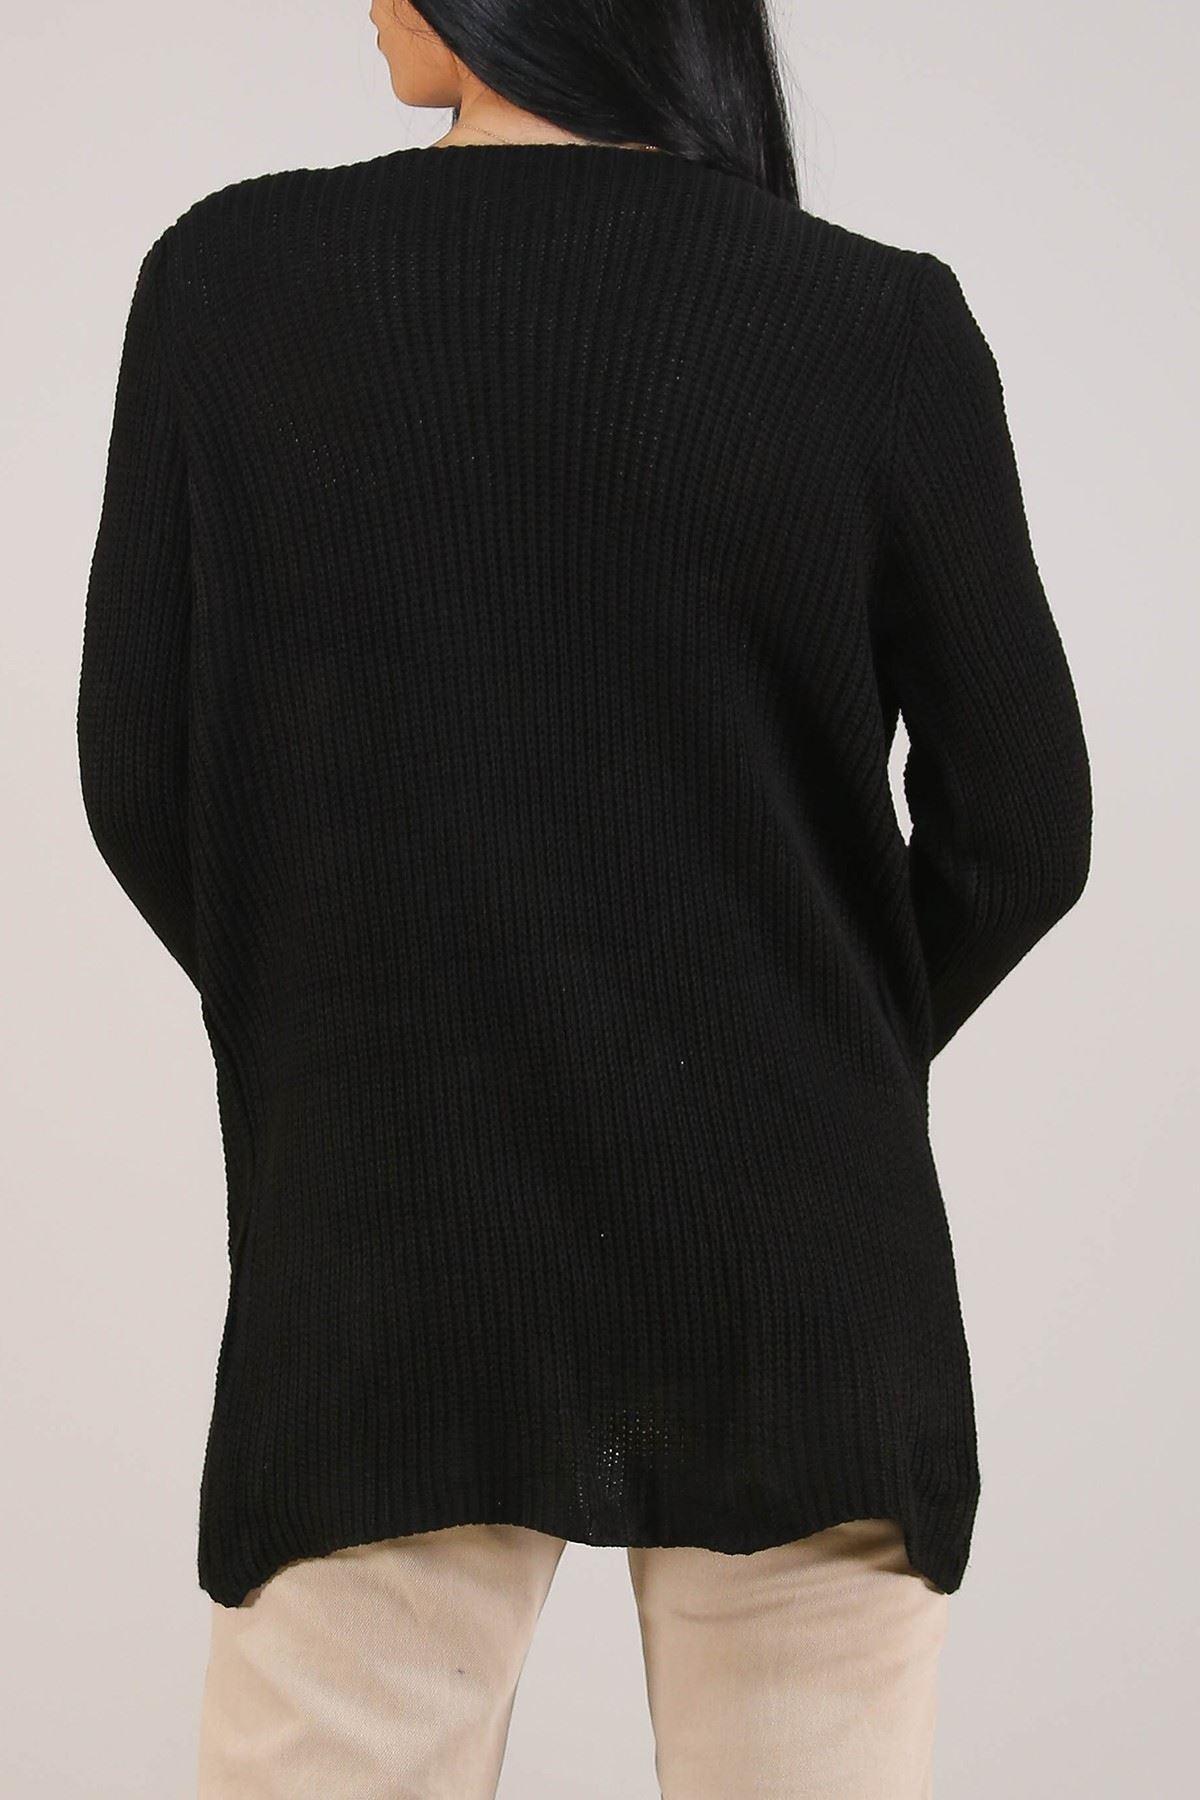 Cepli Triko Hırka Siyah - 5304.344.